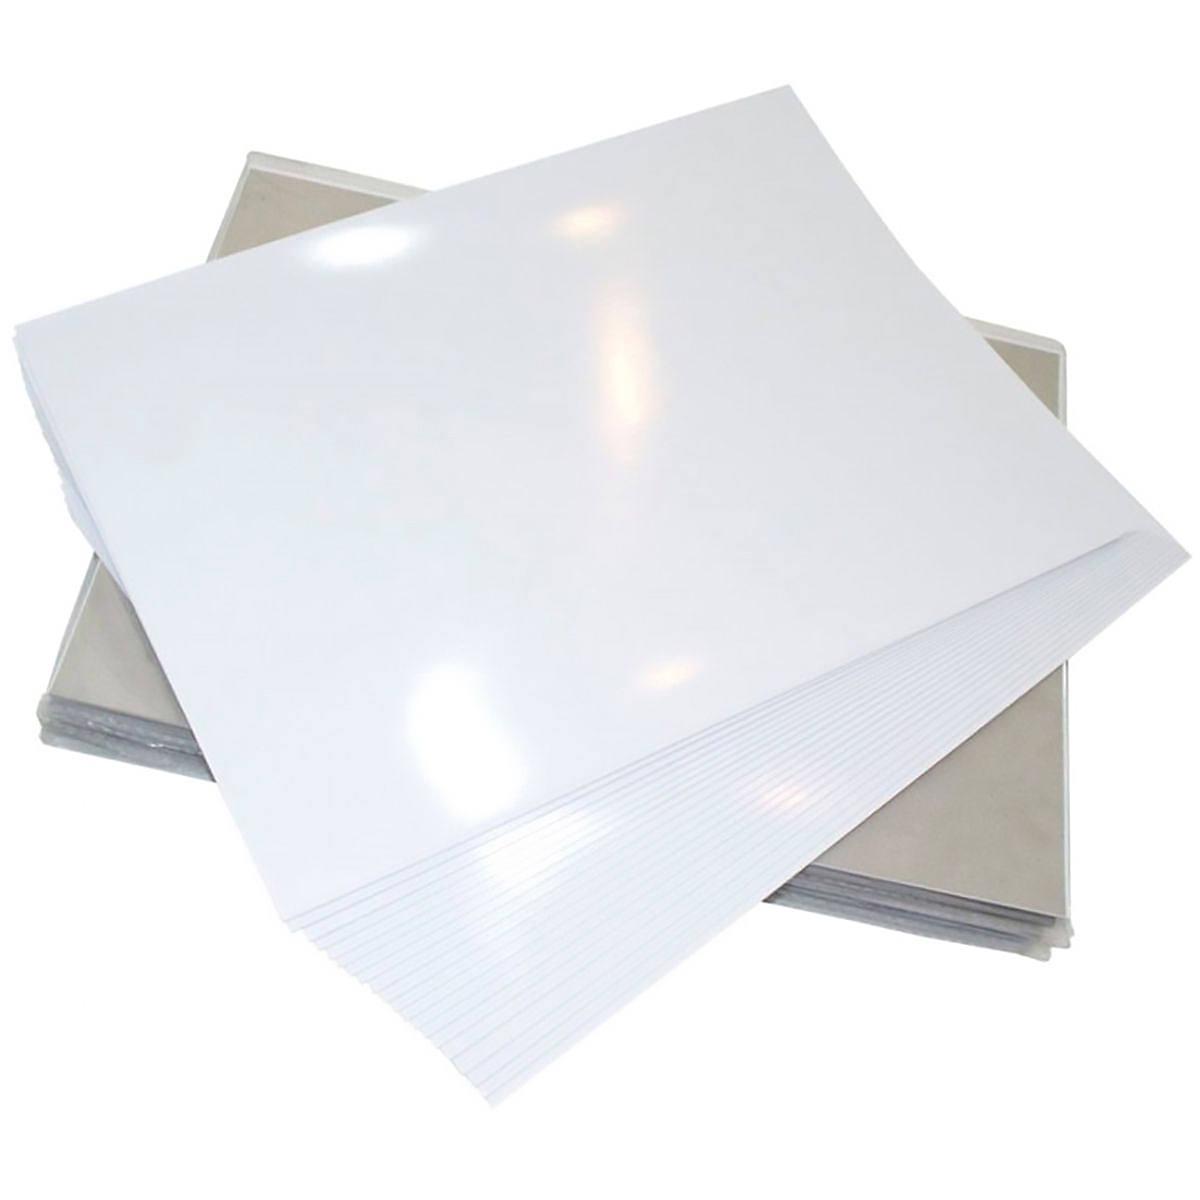 Papel Fotográfico 120g A4 Glossy Branco Brilhante Resistente à Água / 100 folhas